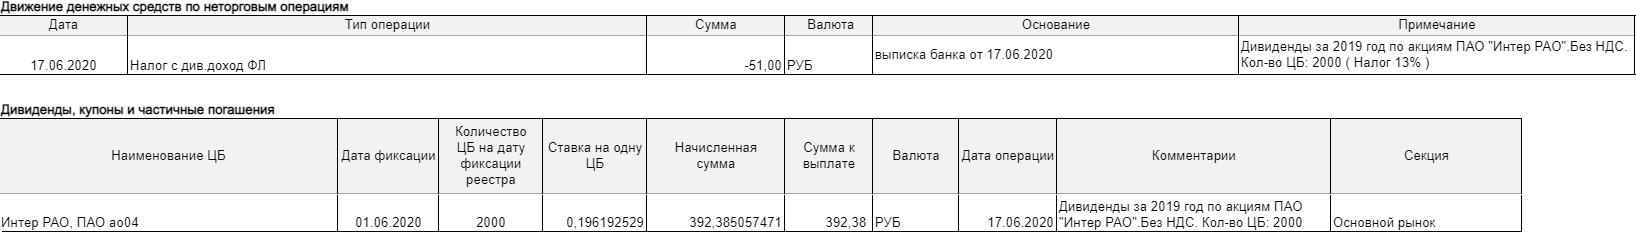 Зачисление дивидендов ПАО «Интер РАО» на брокерский счет